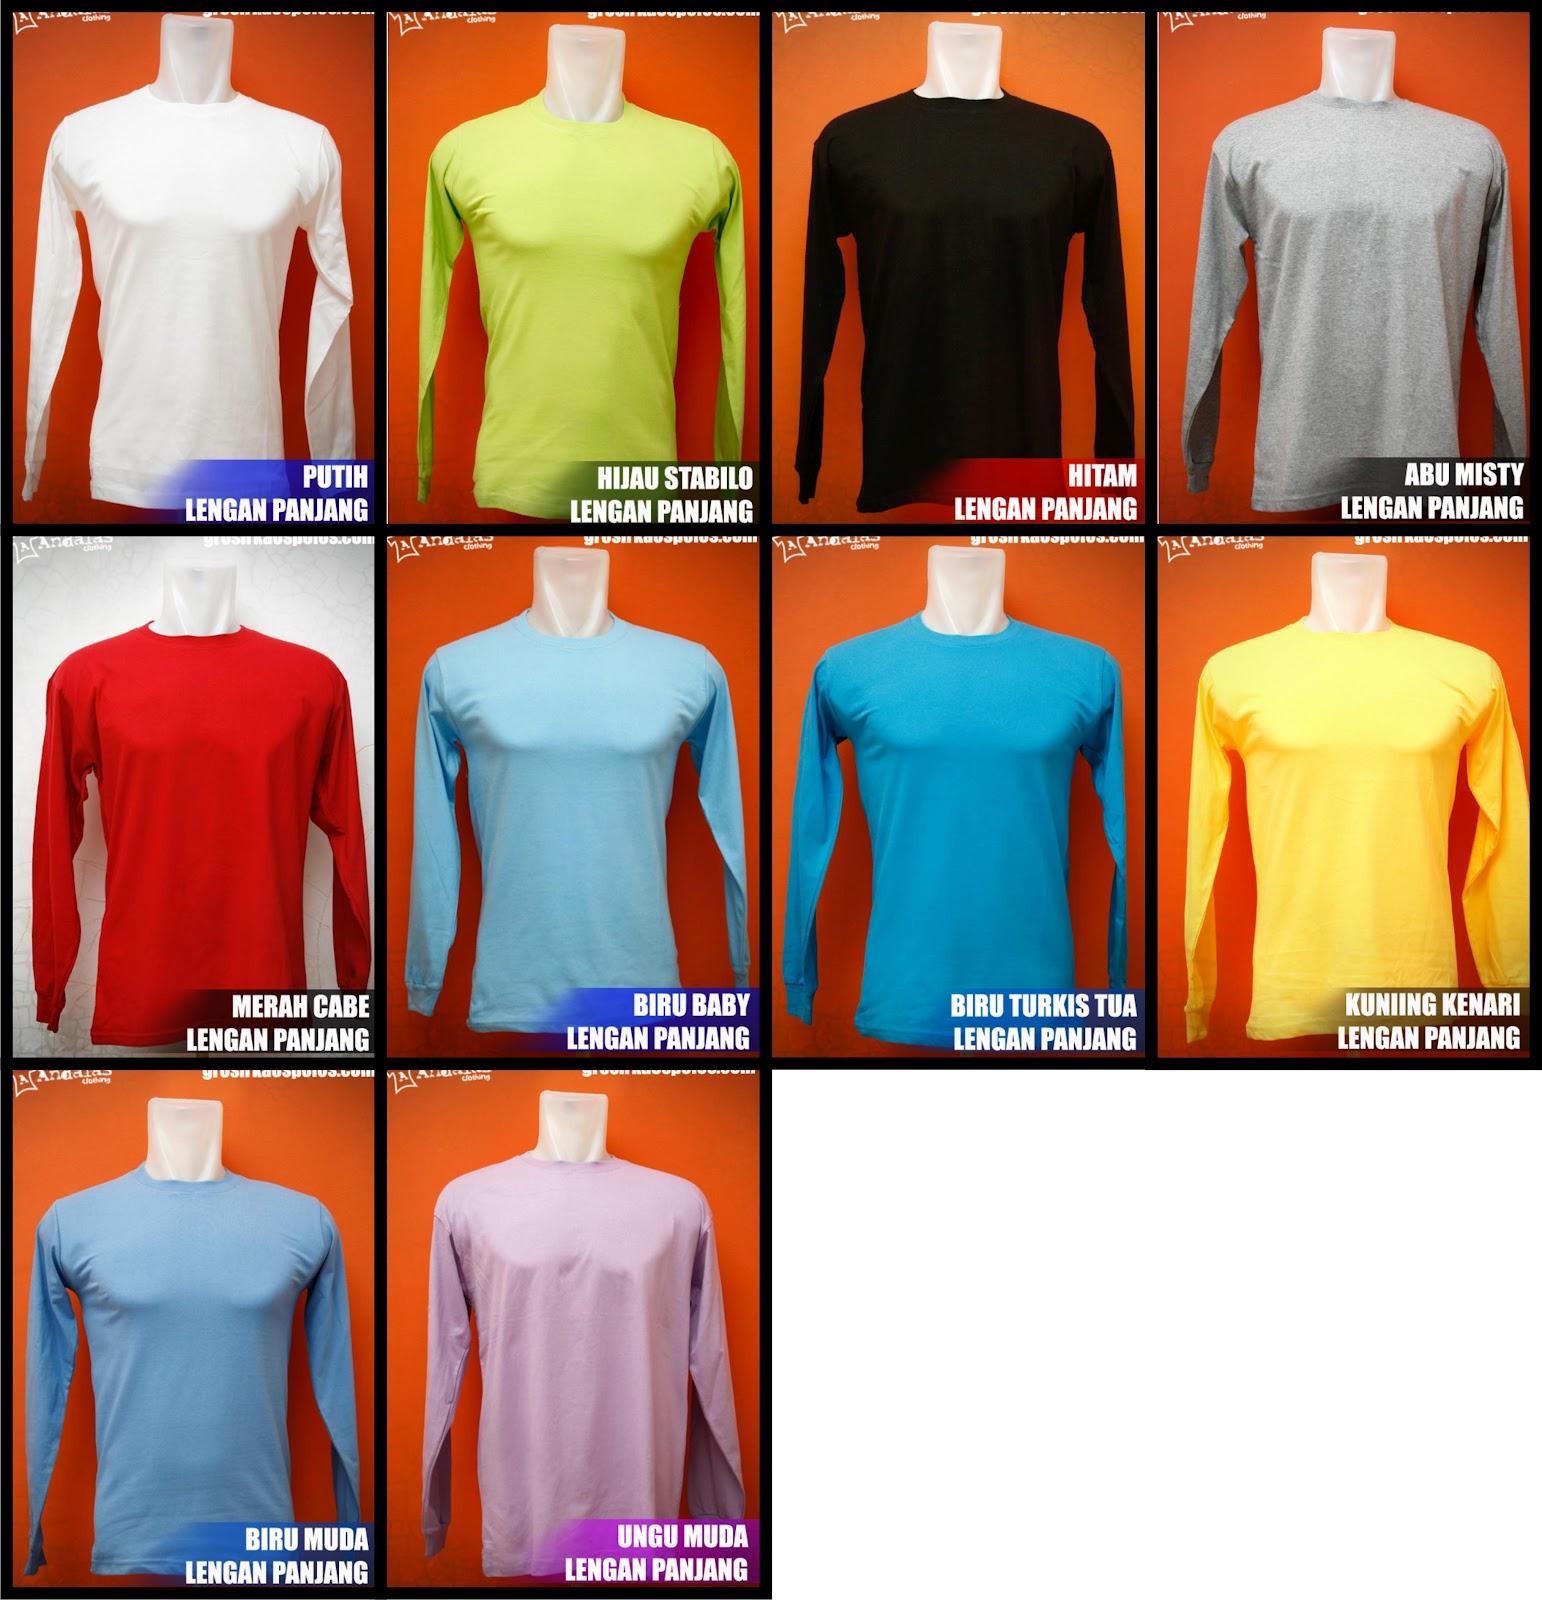 Desain Baju Online Kaos Polos Lengan Panjang Cotton Combed 20s Size M Atau Carded Ml